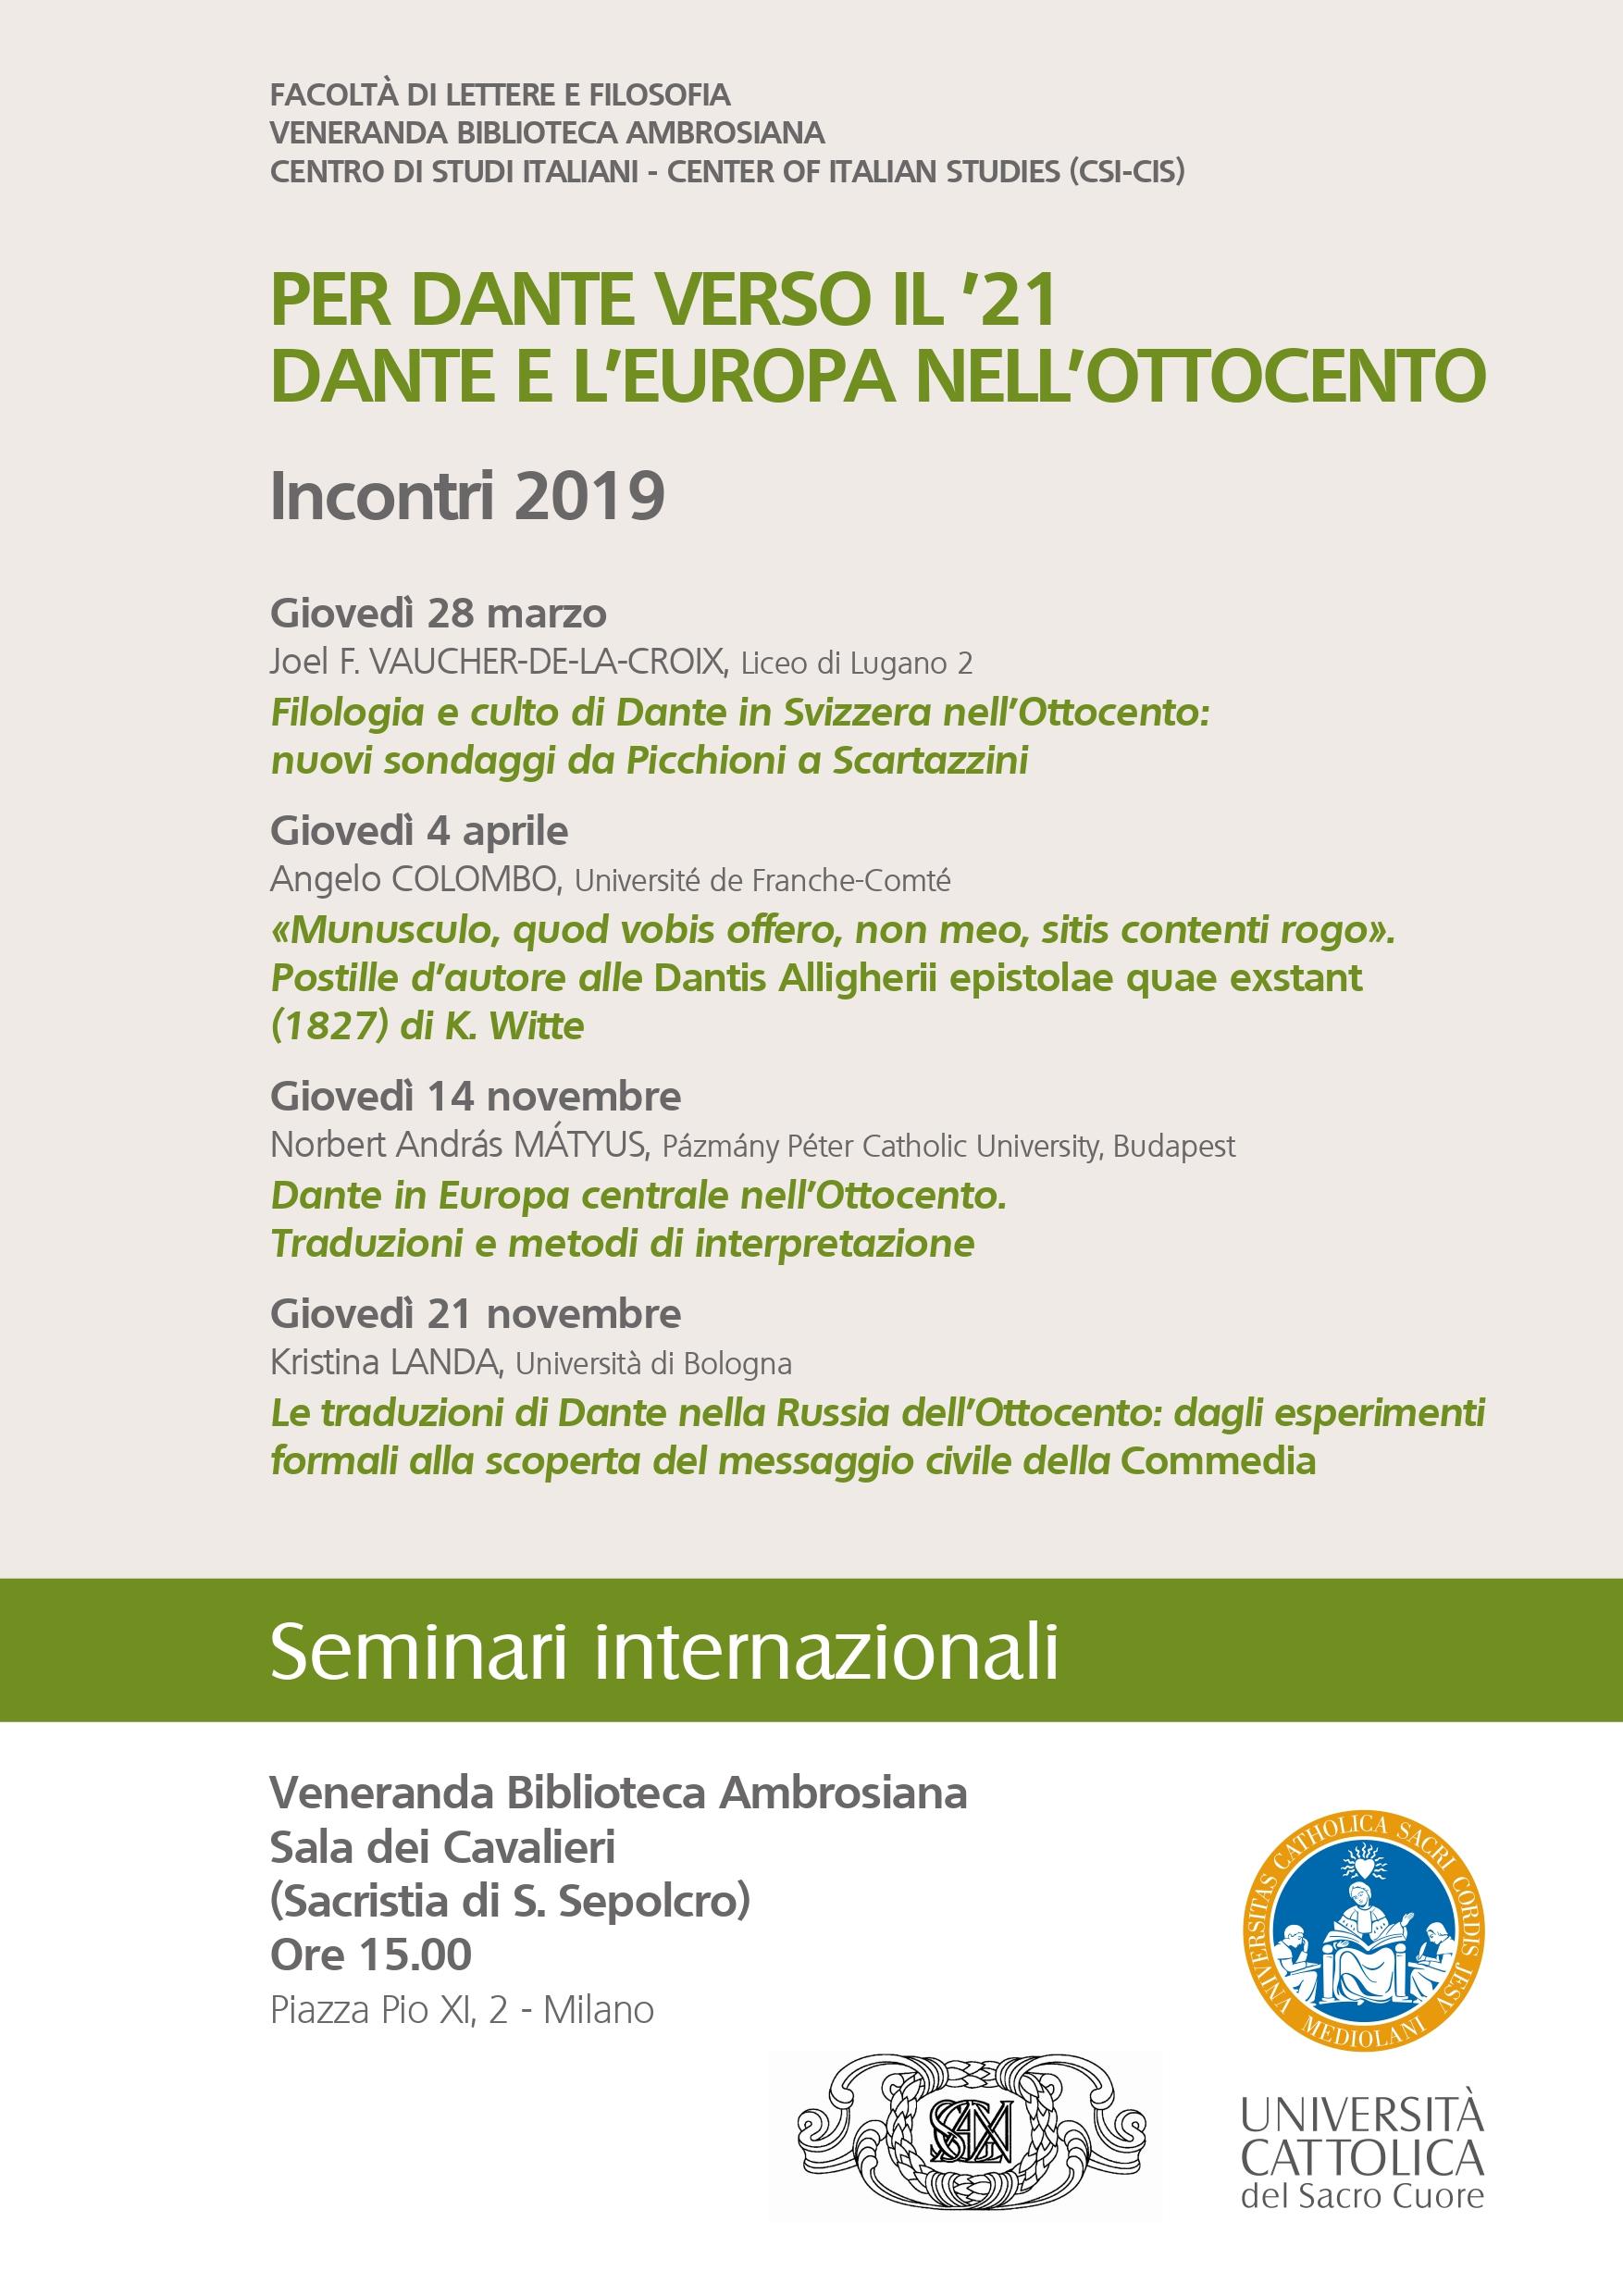 Dante e l'Europa nell'Ottocento_Seminari internazionali_2019_page-0001